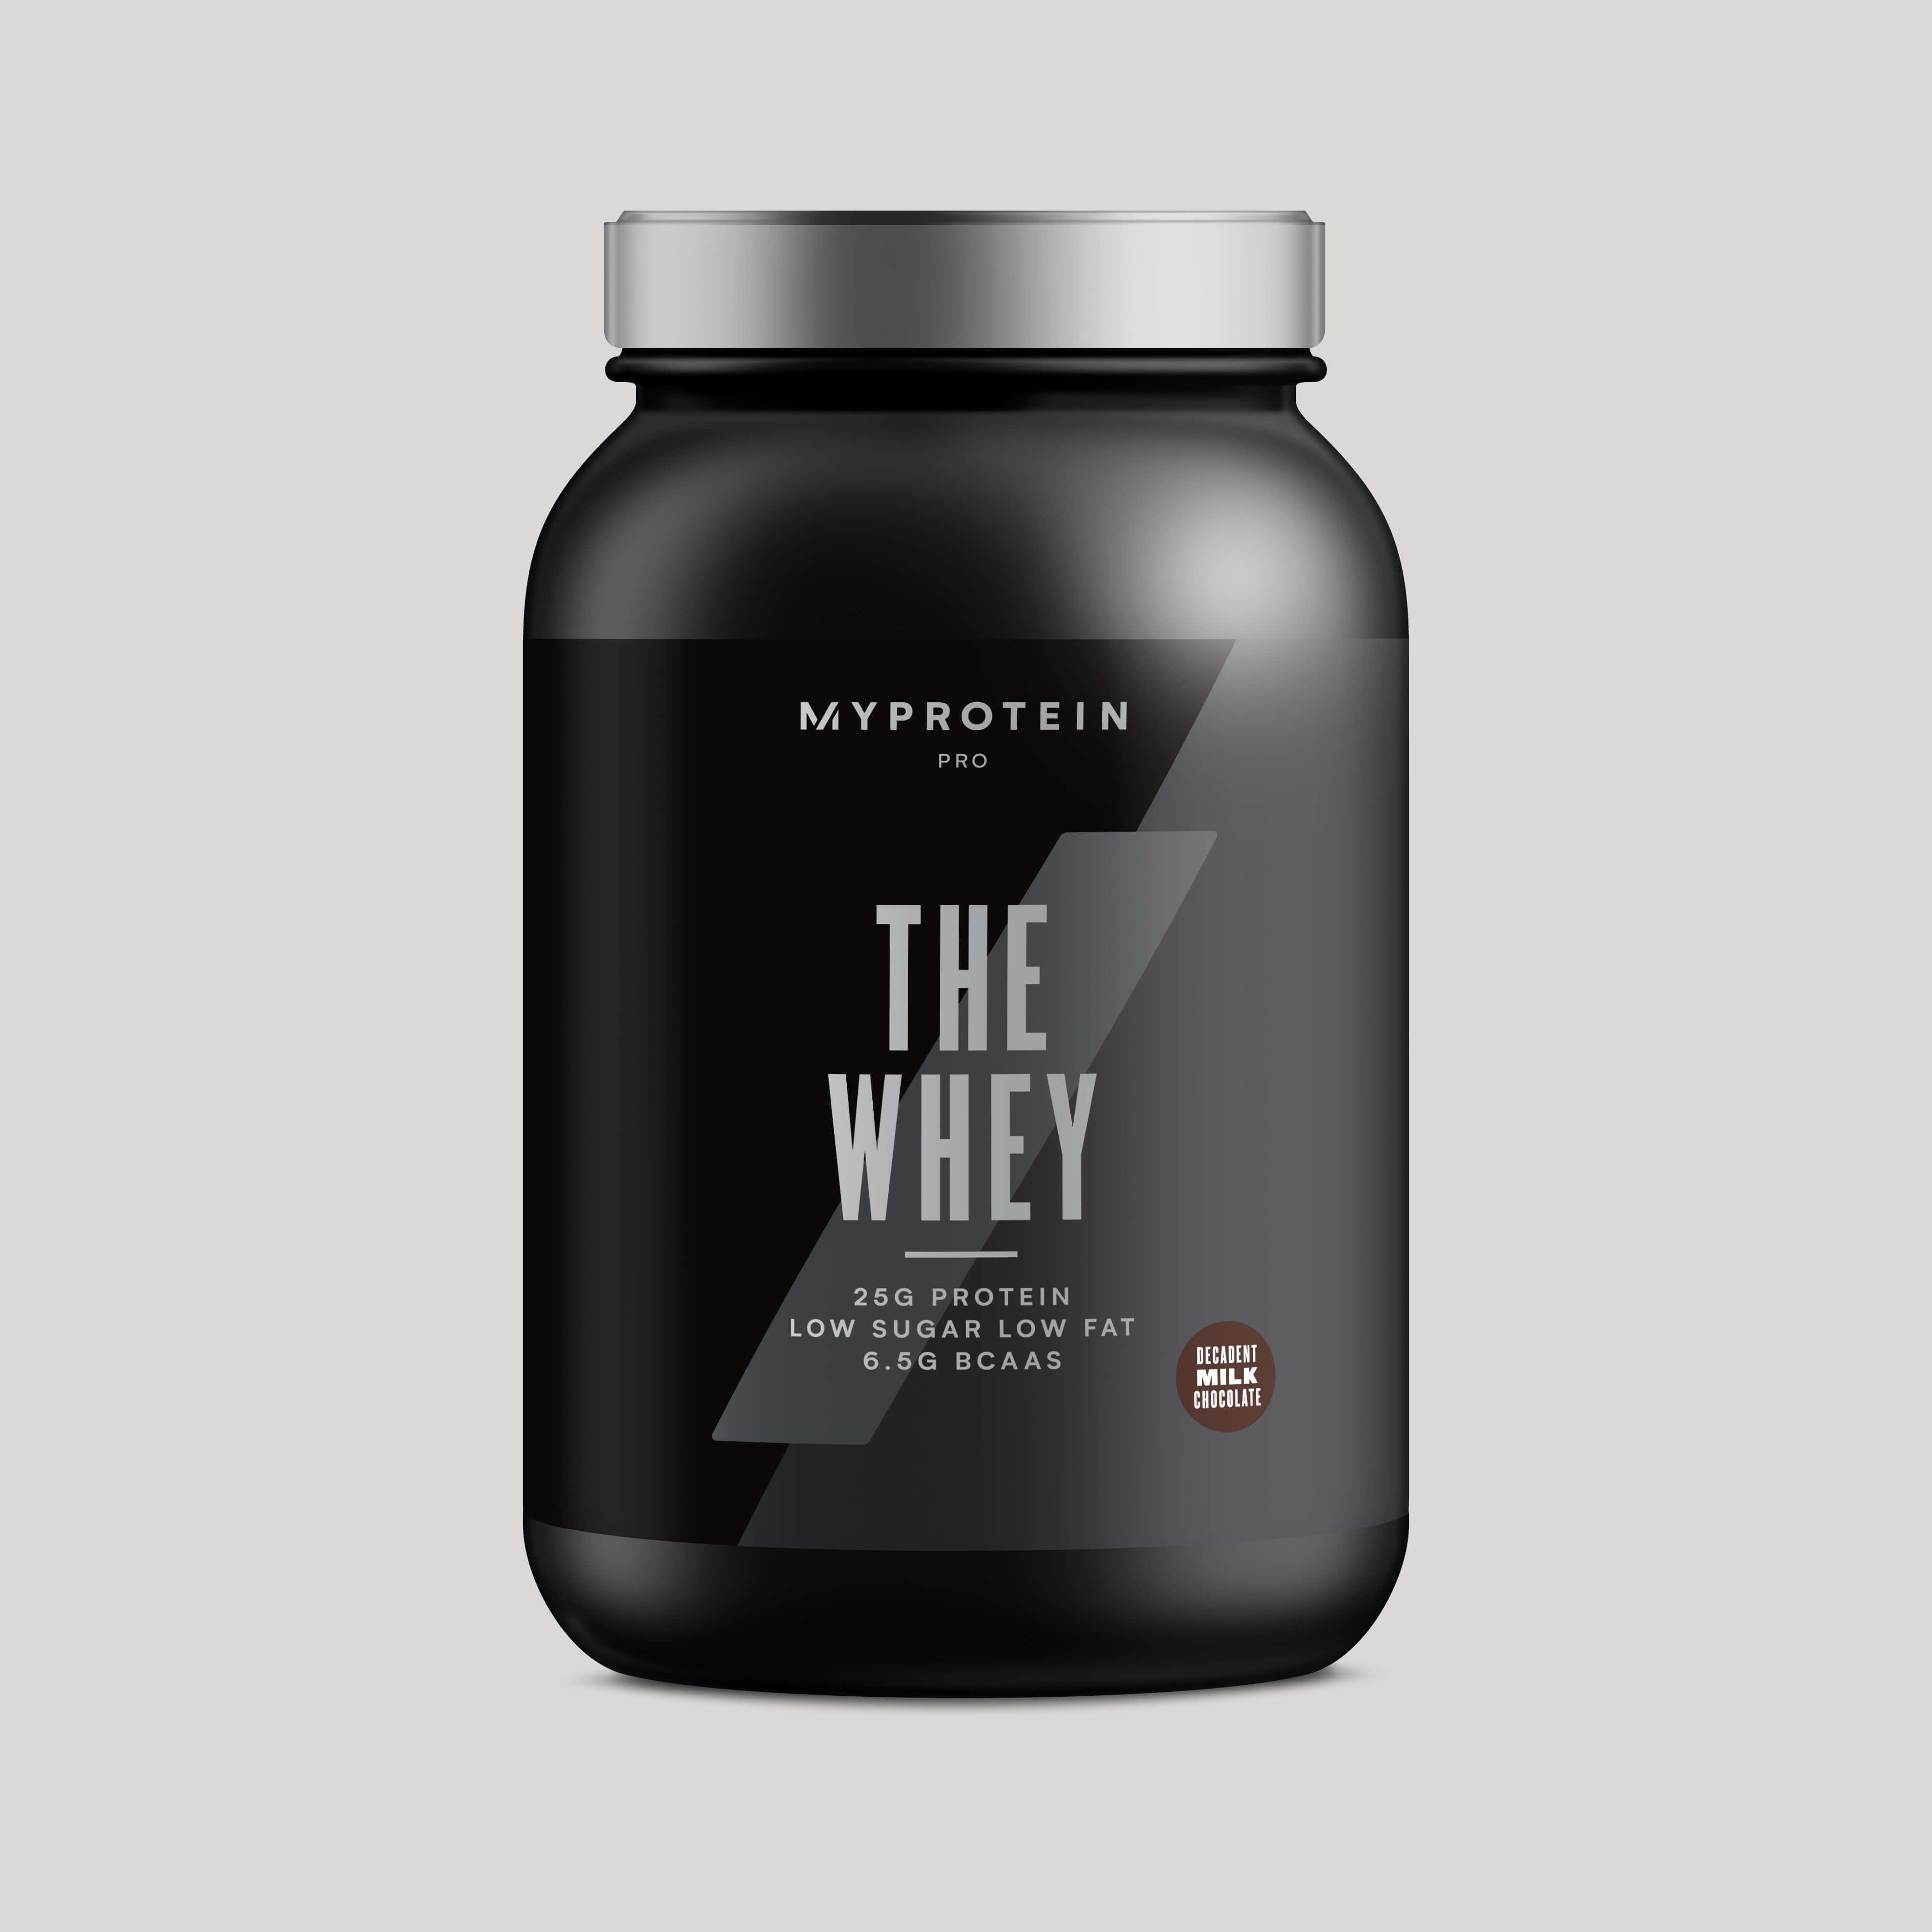 Best tasting protein powder